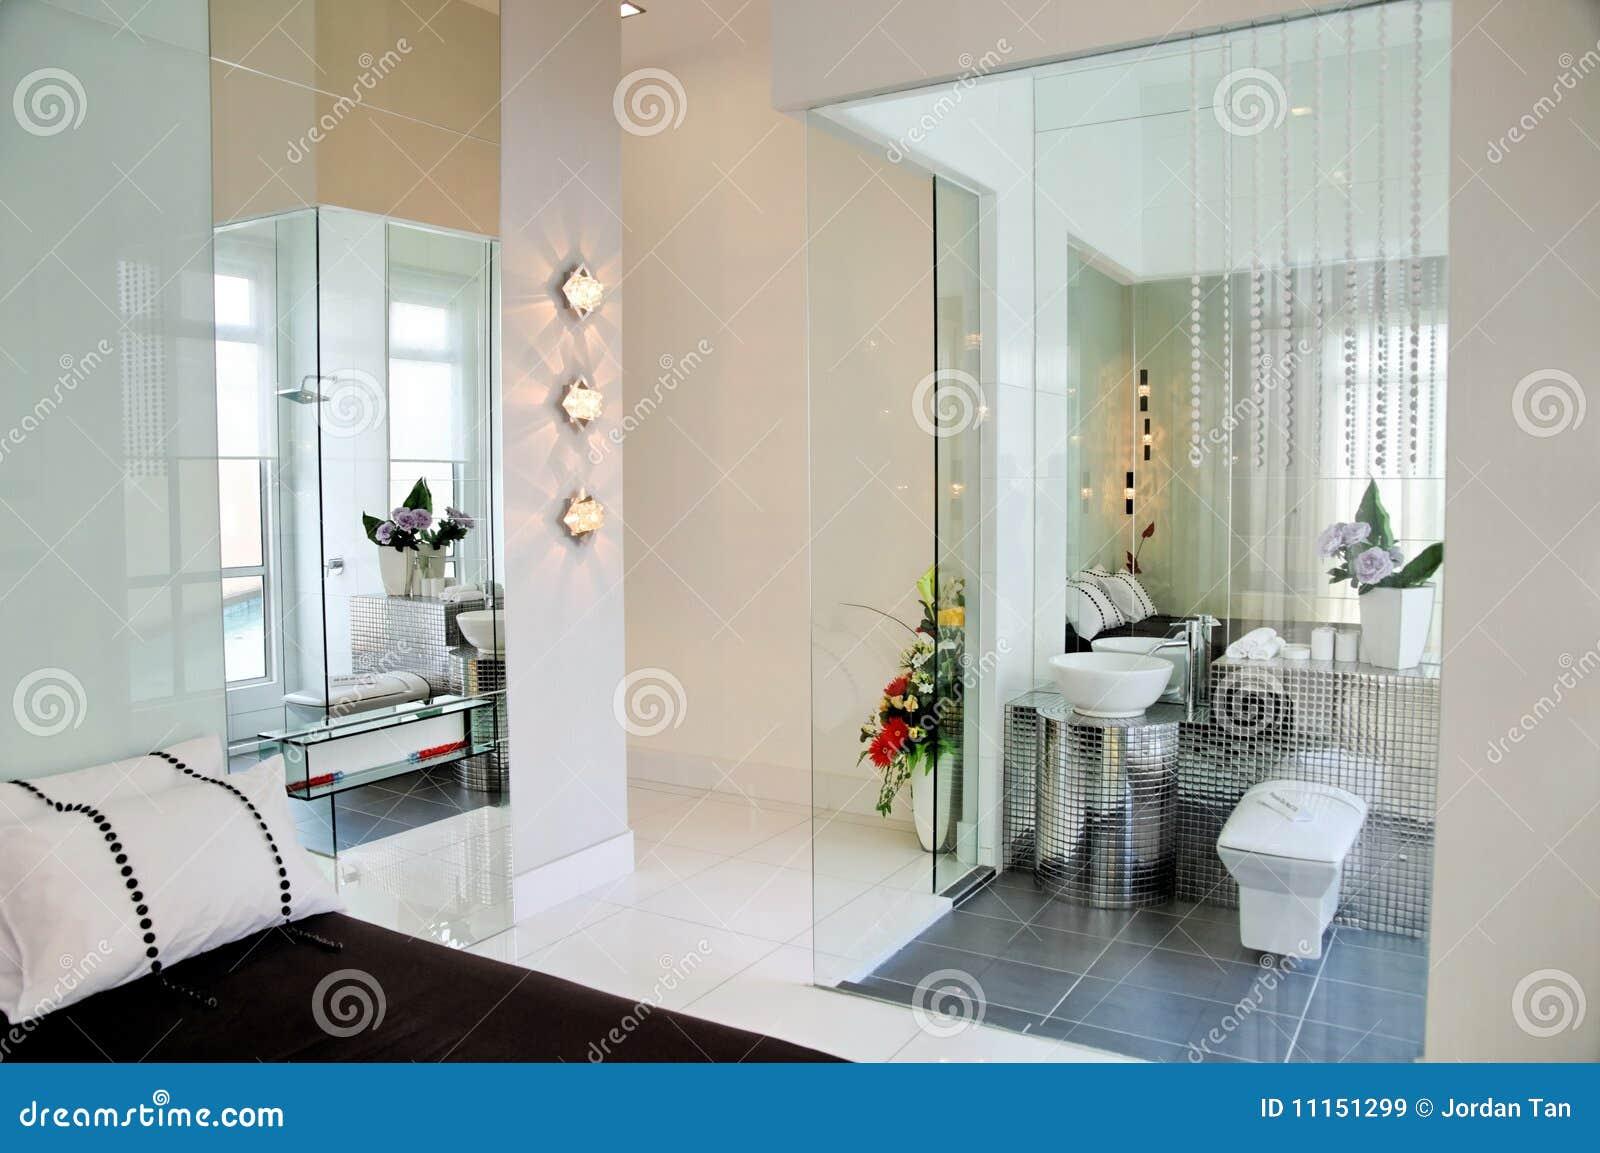 Quarto E Banheiro Imagens de Stock Royalty Free Imagem: 11151299 #786853 1300 953